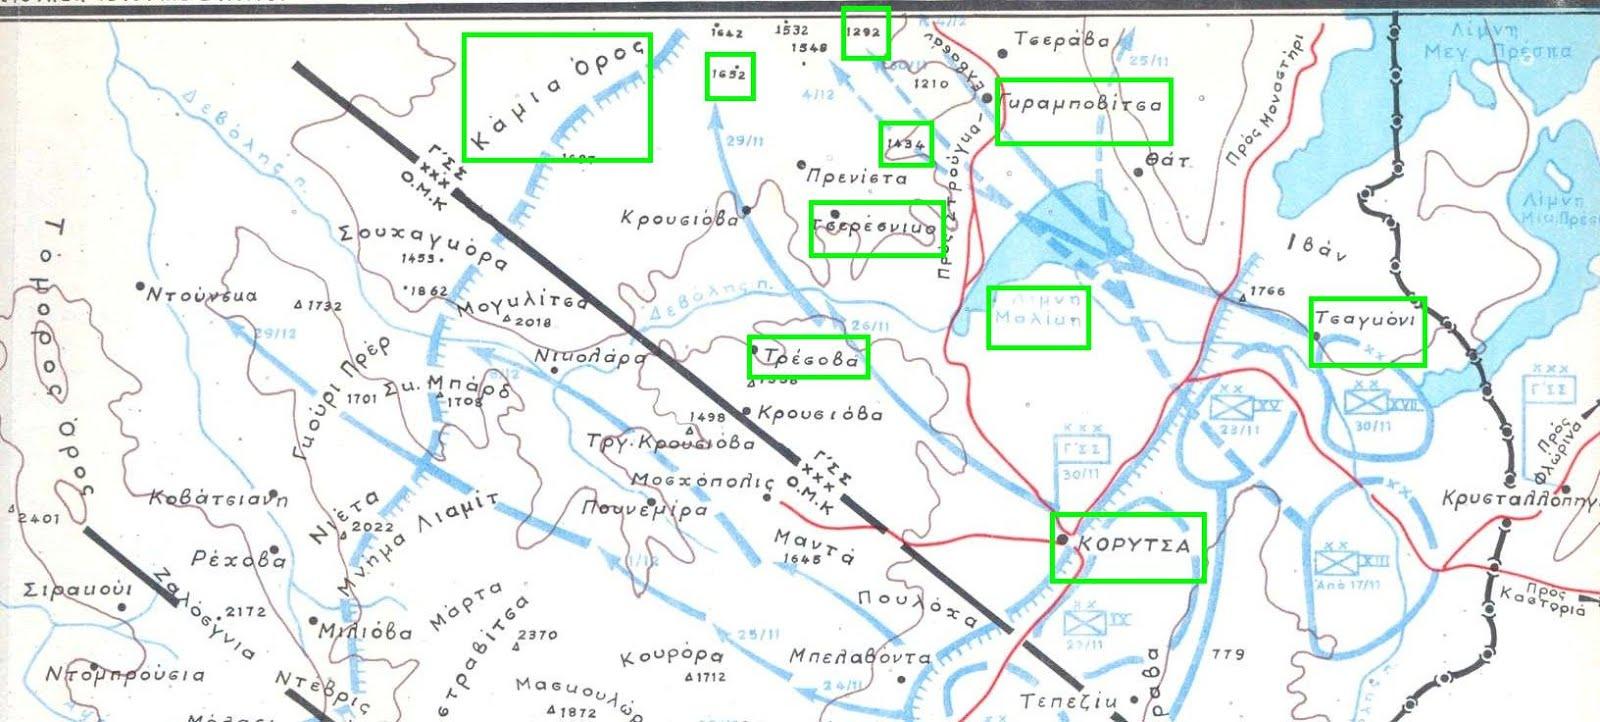 Χαρτης Κορυτσα-Κάμια